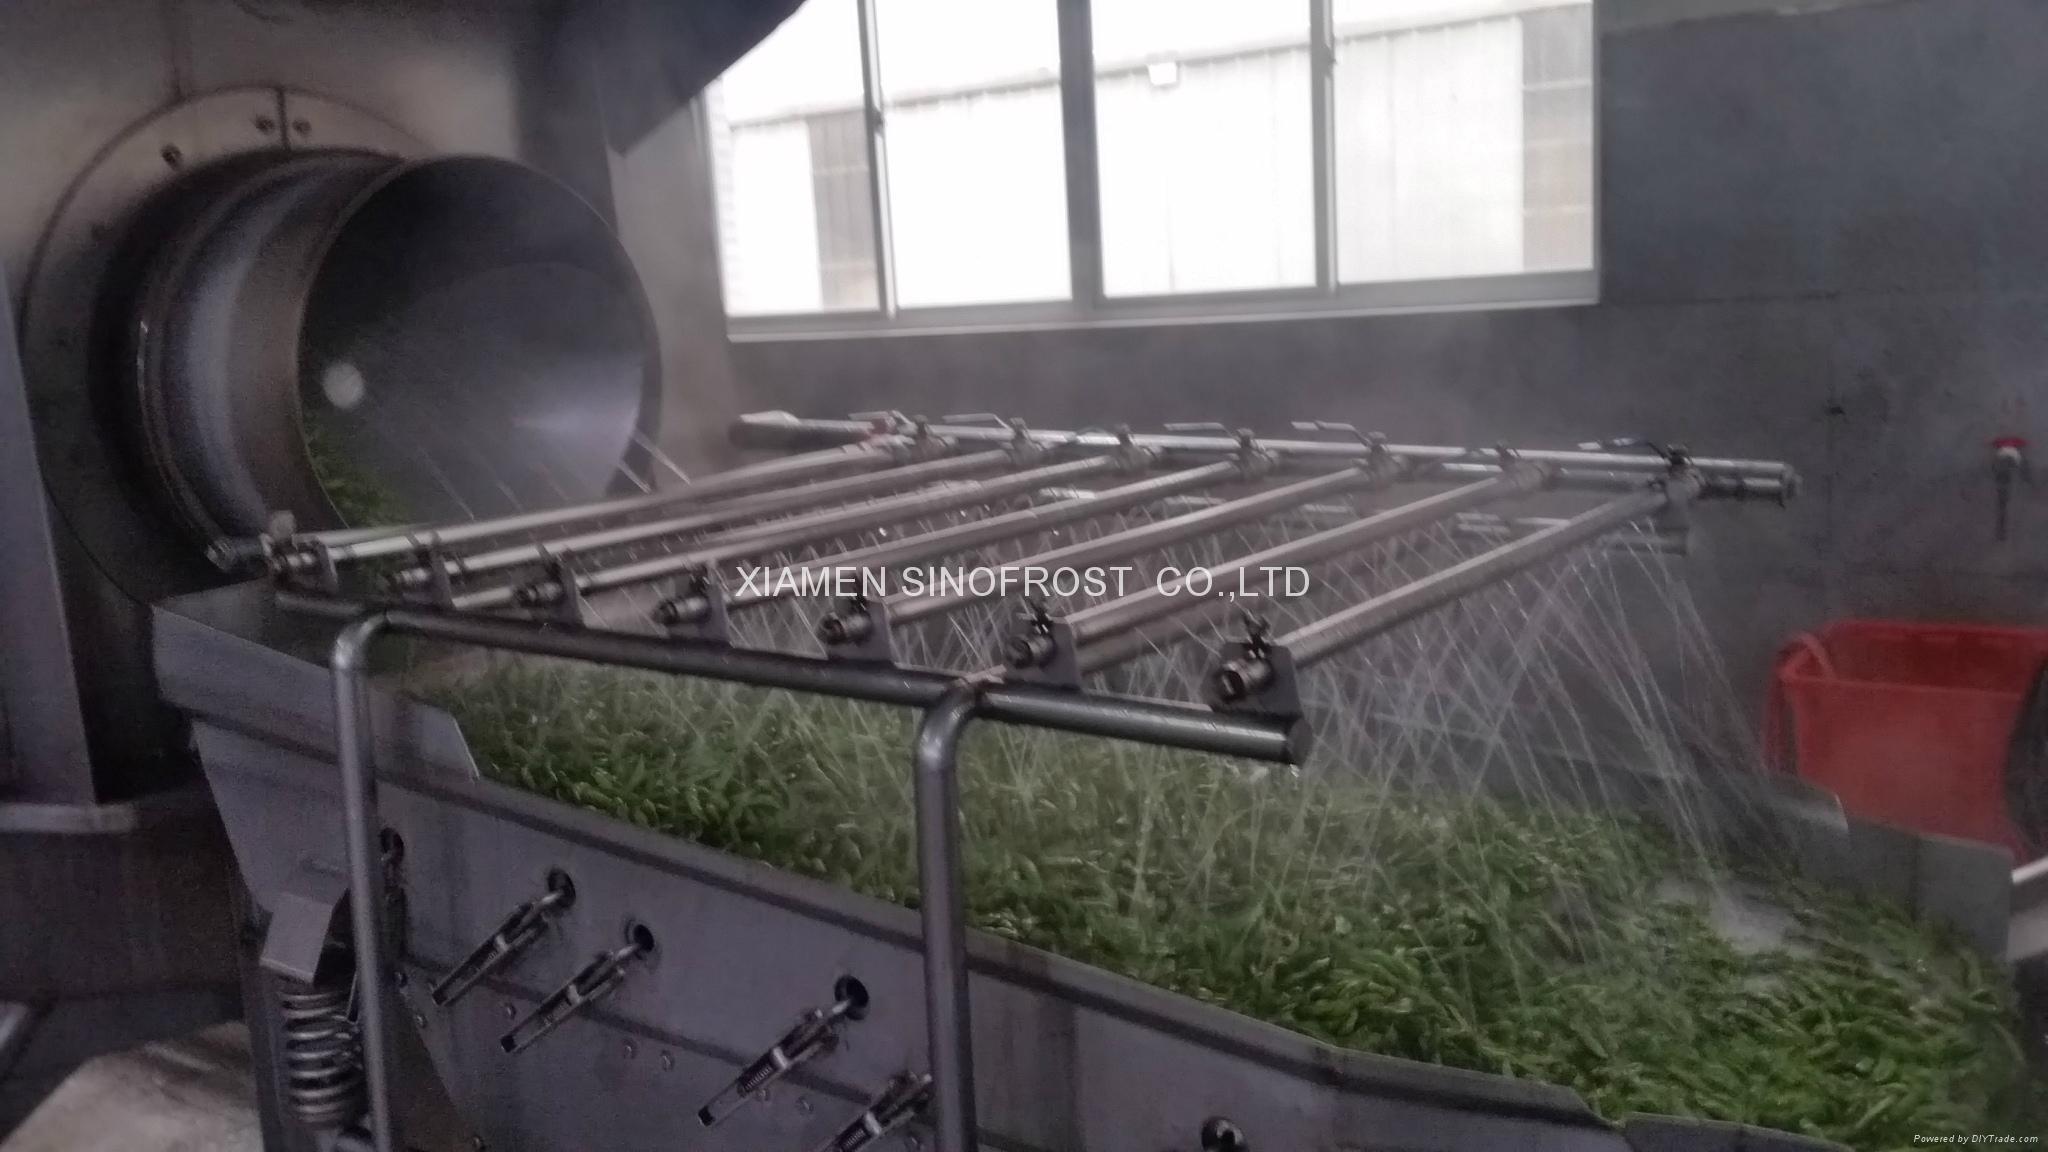 IQF Glazed Edamame in pods,Frozen Glazed Edamame in pods,IQF glazed soybeans 7